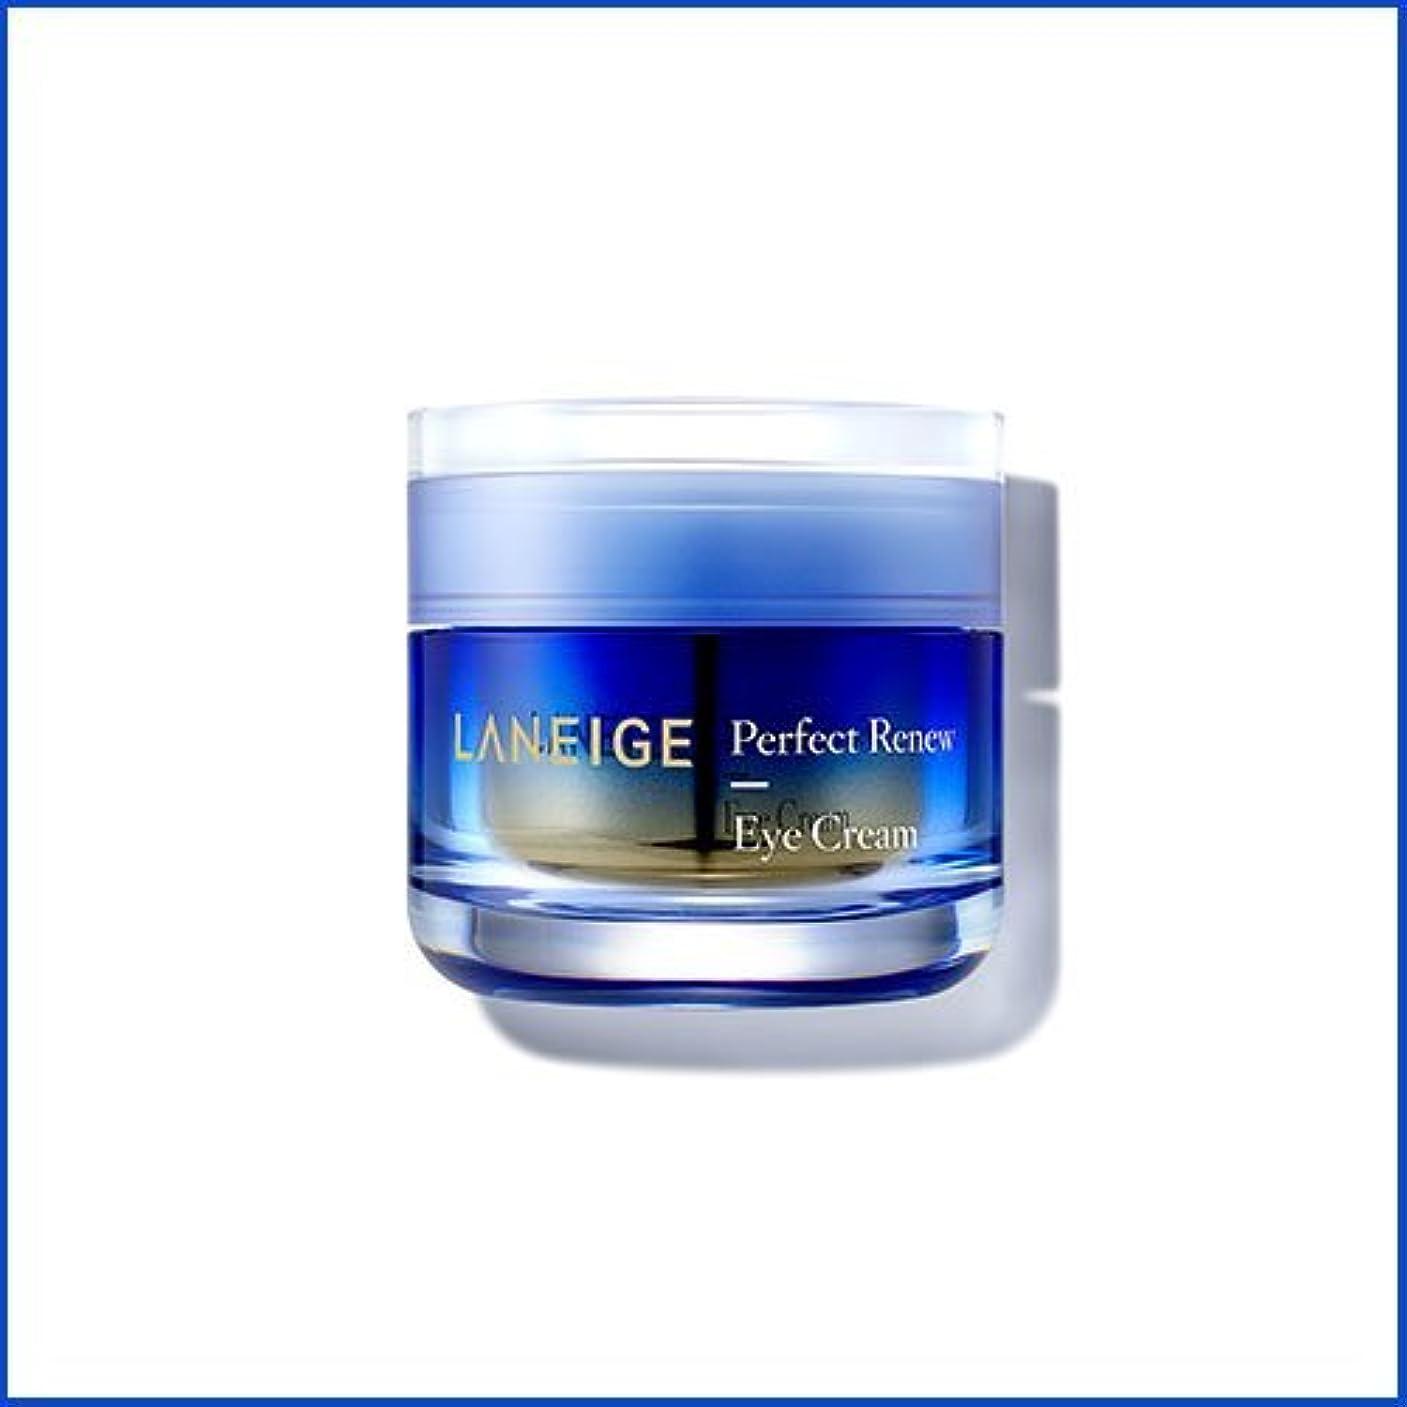 以下品対立【ラネージュ】【LANEIGE】【韓国コスメ】【アイクリーム 】 パーフェクト リニュー アイ クリーム 20ml Perfect Renew Eye Cream [並行輸入品]